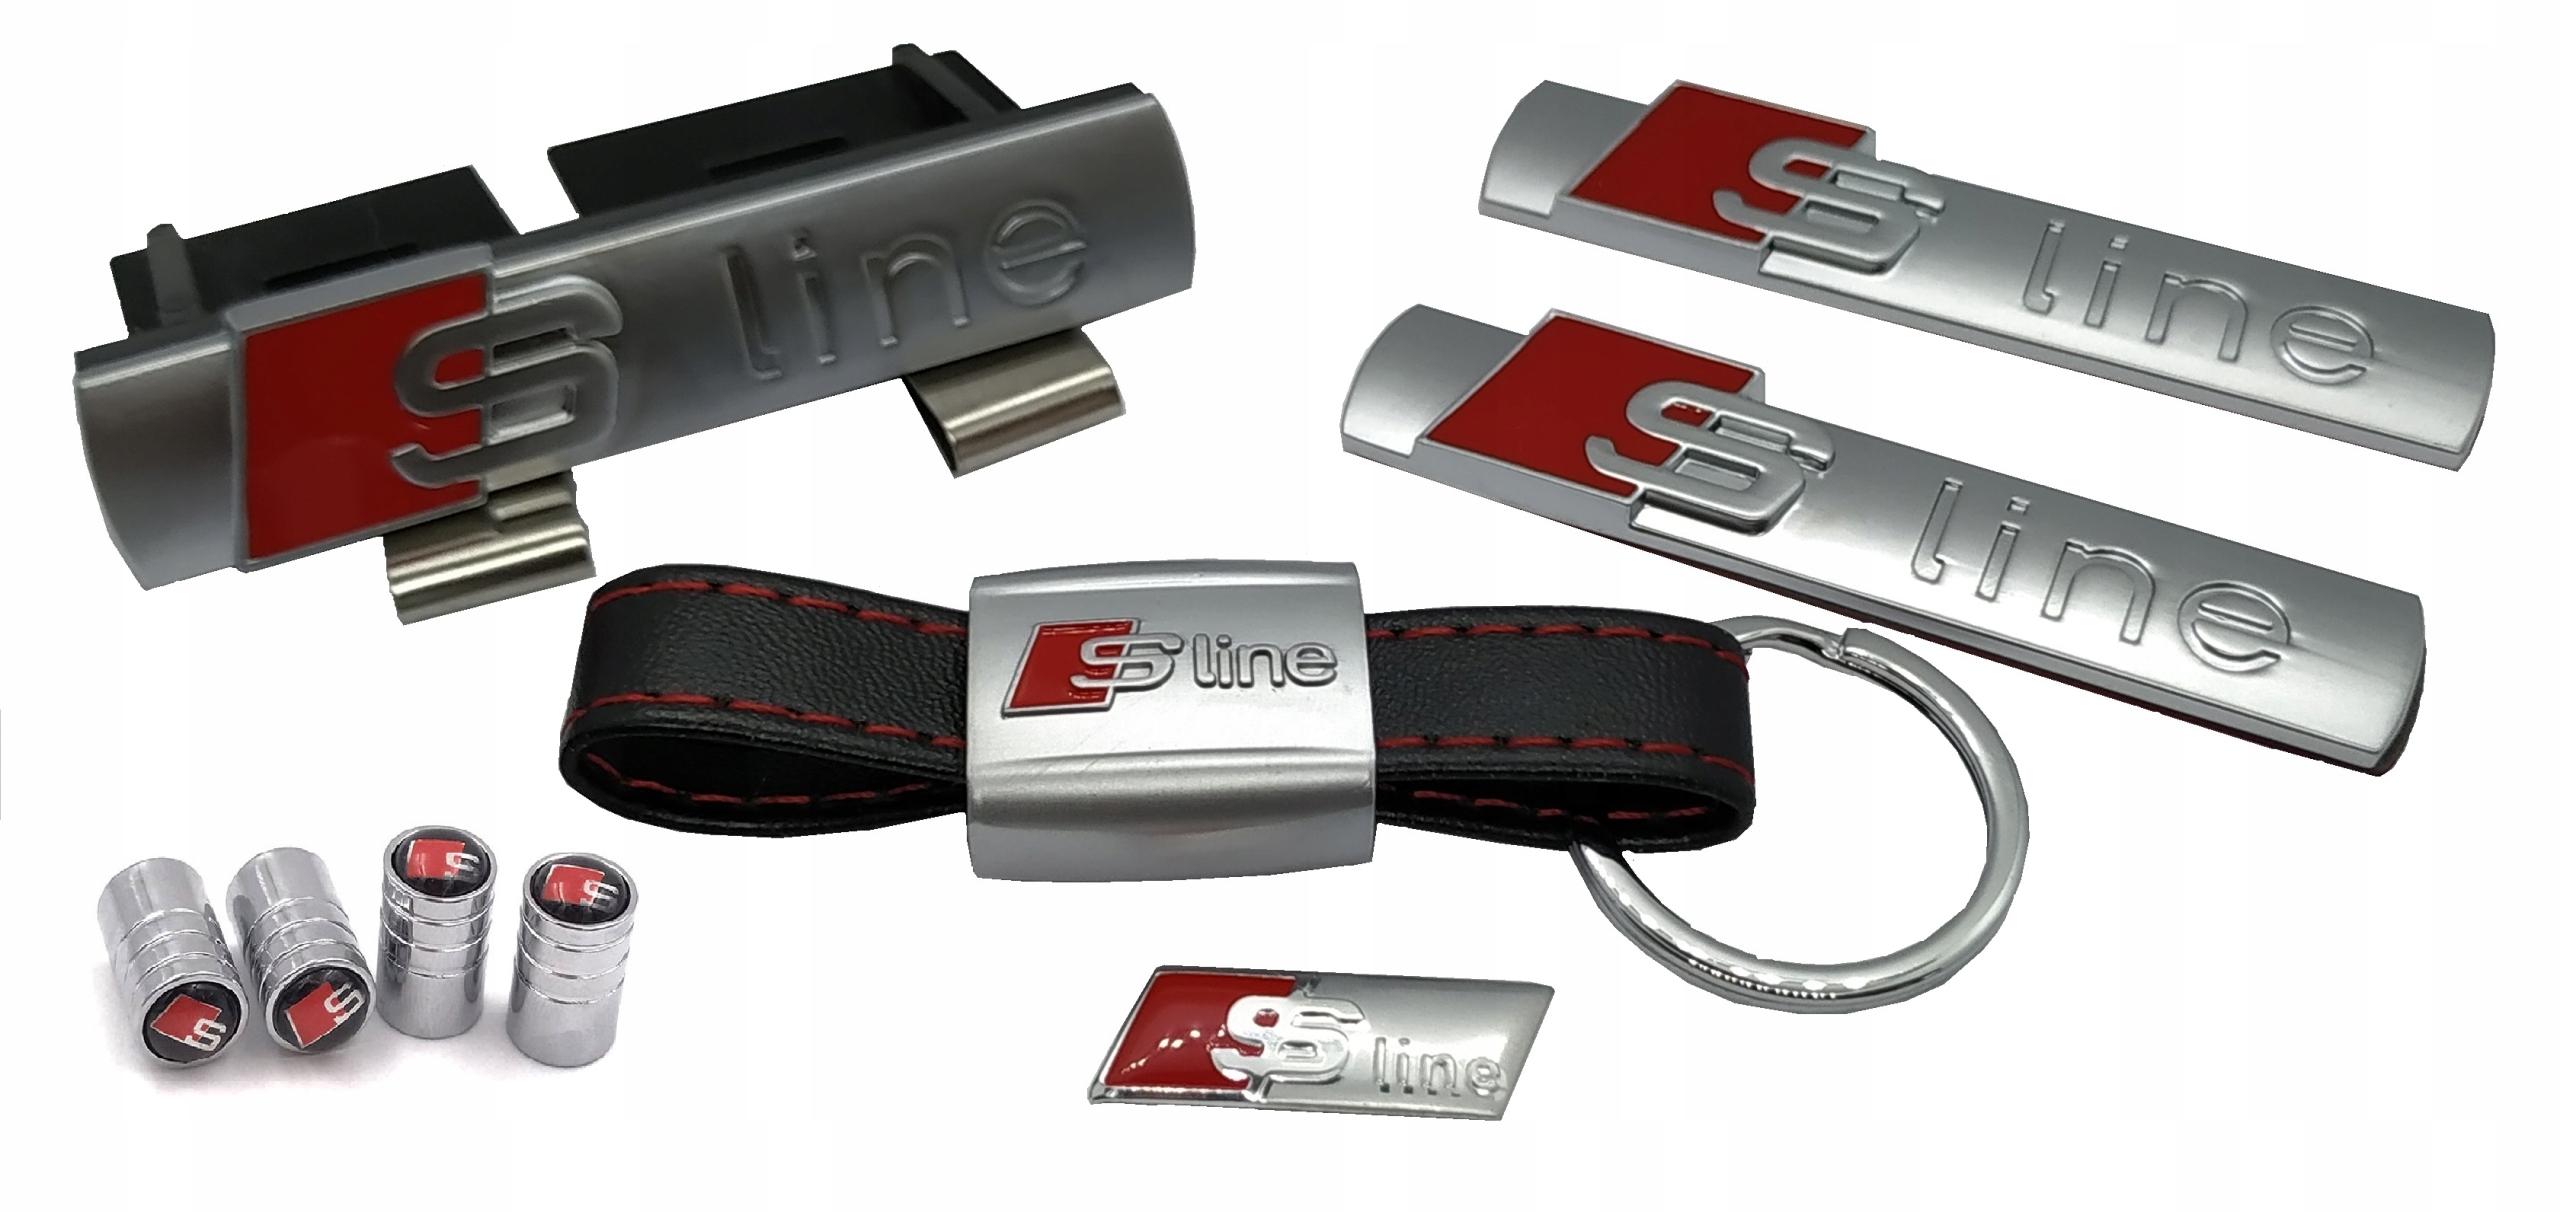 Значки S-LINE решетка из цельного металла с хромированным покрытием